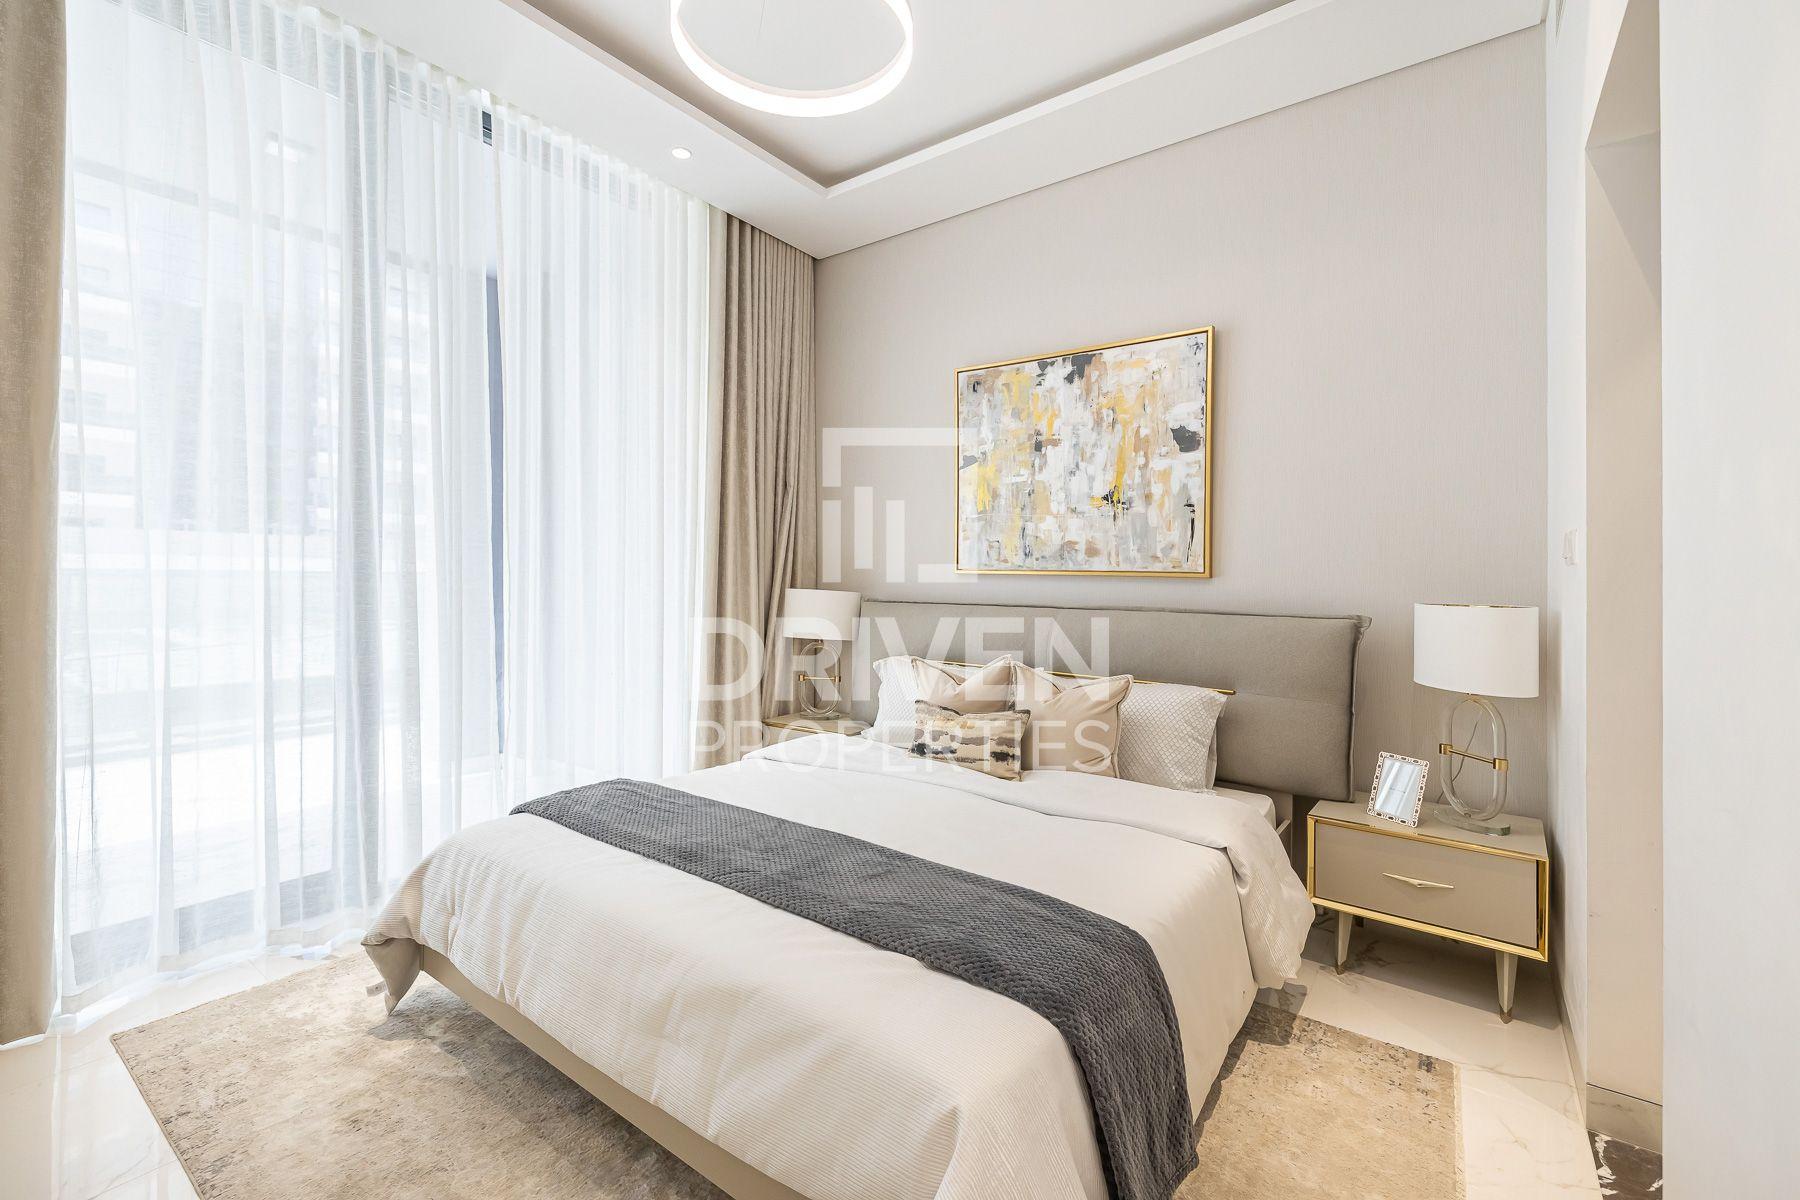 1,544 قدم مربع  شقة - للبيع - دبي هيلز استيت